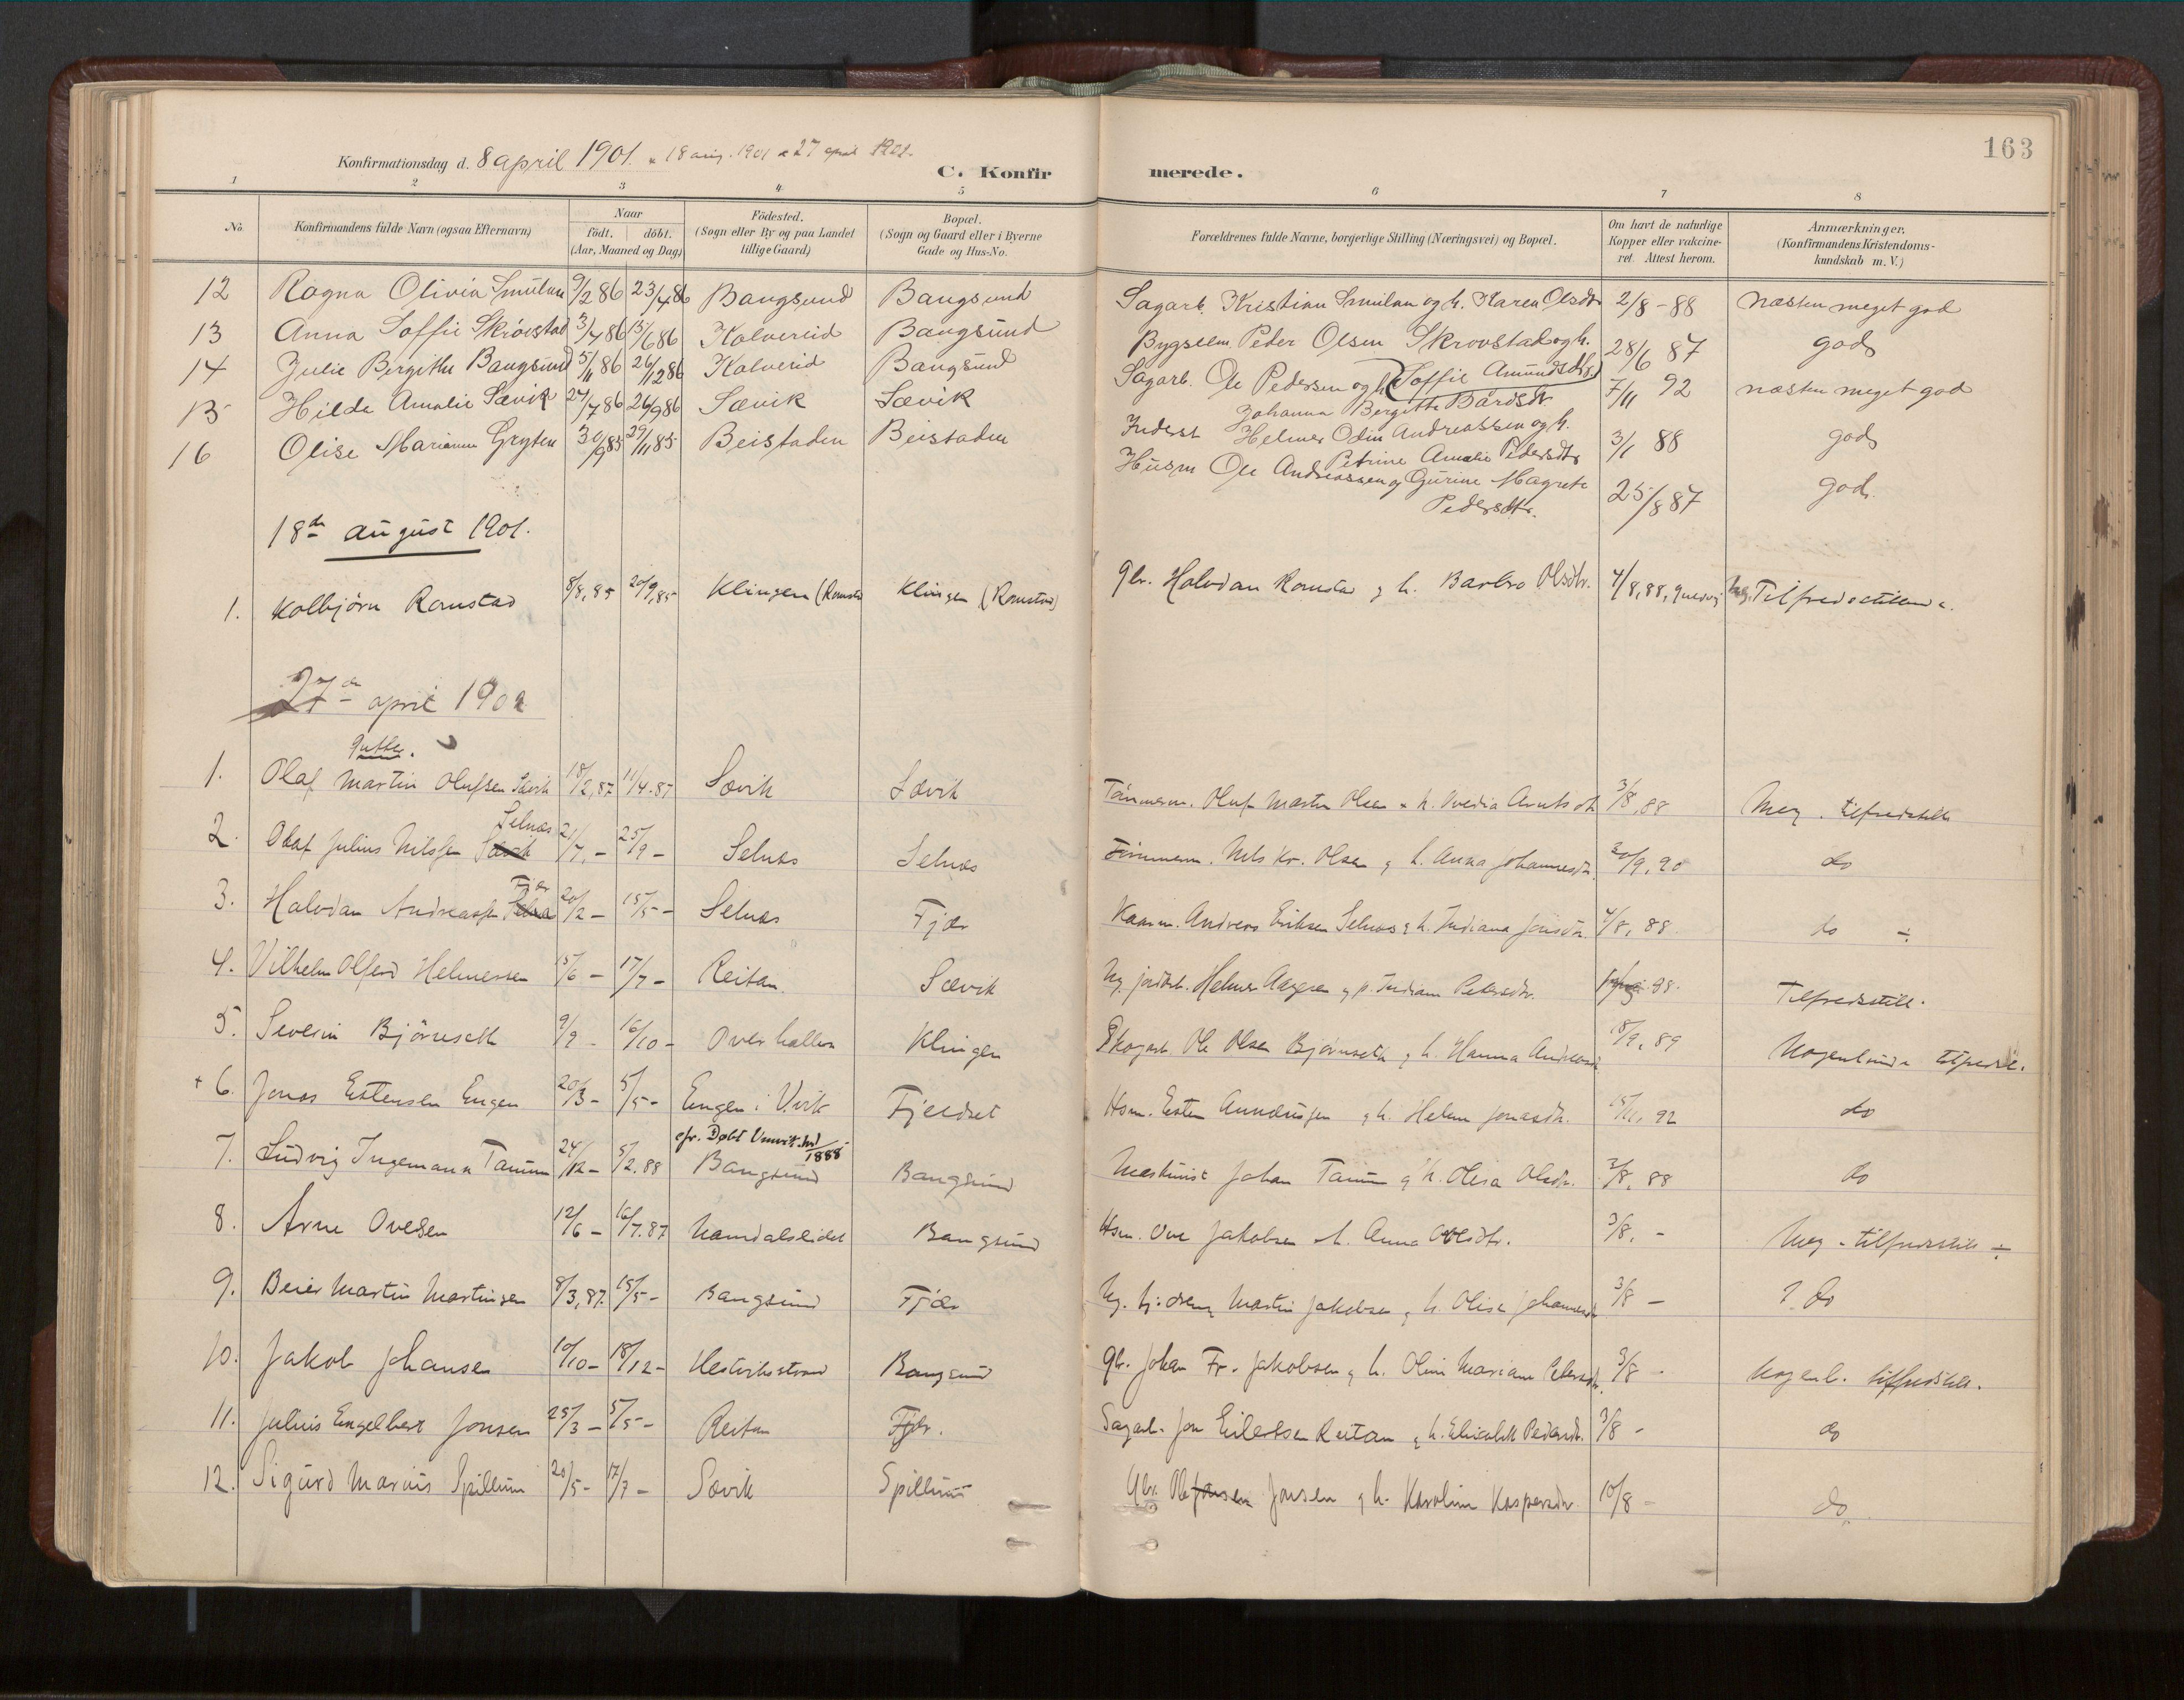 SAT, Ministerialprotokoller, klokkerbøker og fødselsregistre - Nord-Trøndelag, 770/L0589: Ministerialbok nr. 770A03, 1887-1929, s. 163